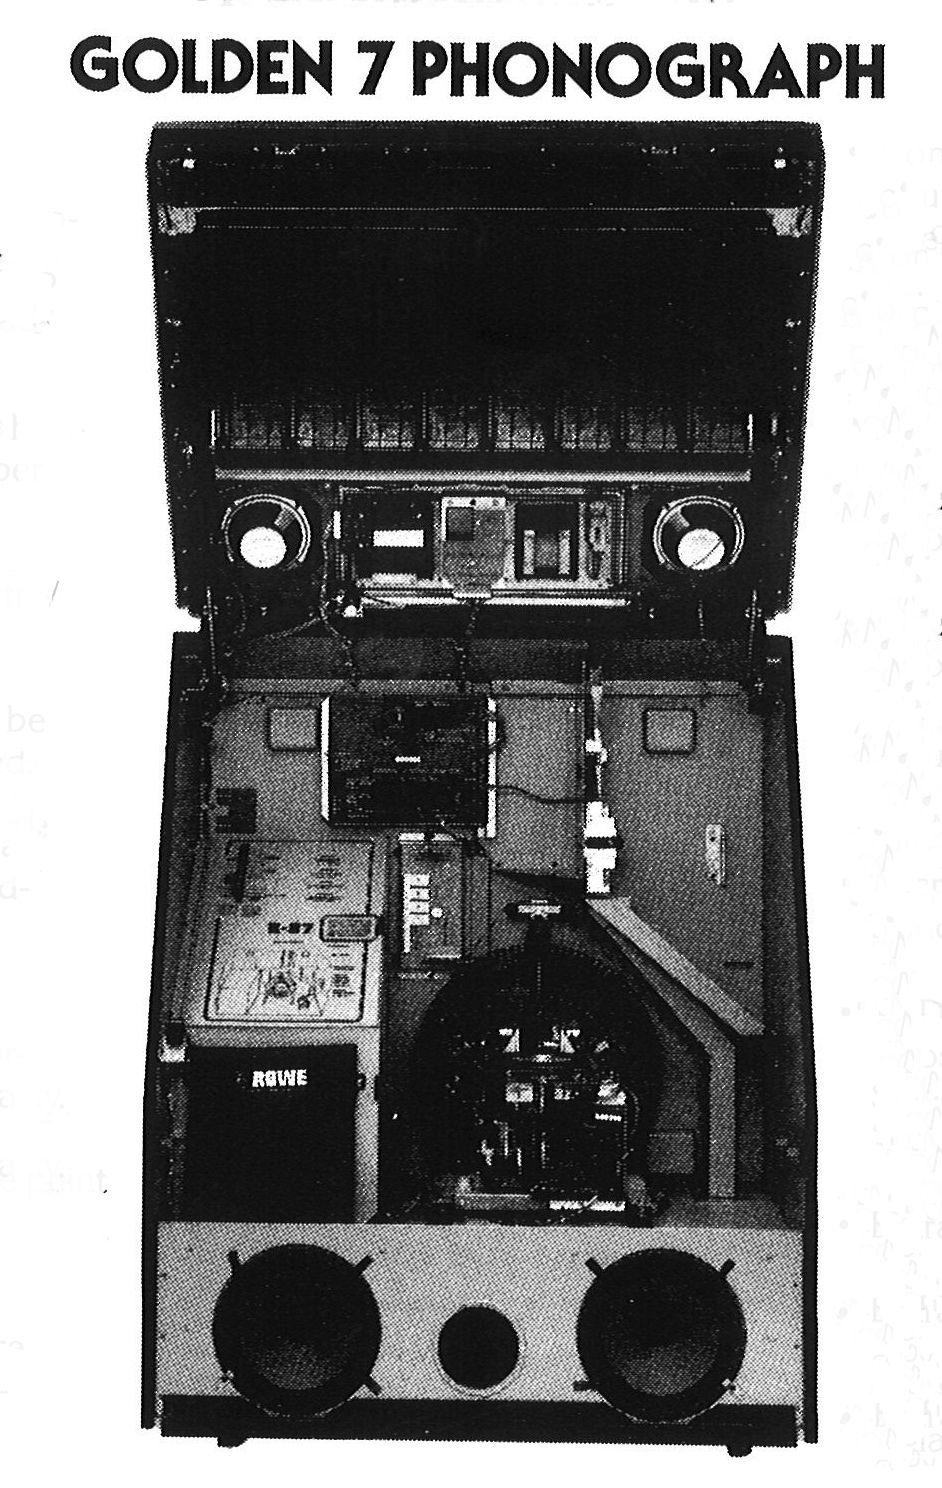 """1983, RoweAMI's R87 Golden 7 A """"central computer"""